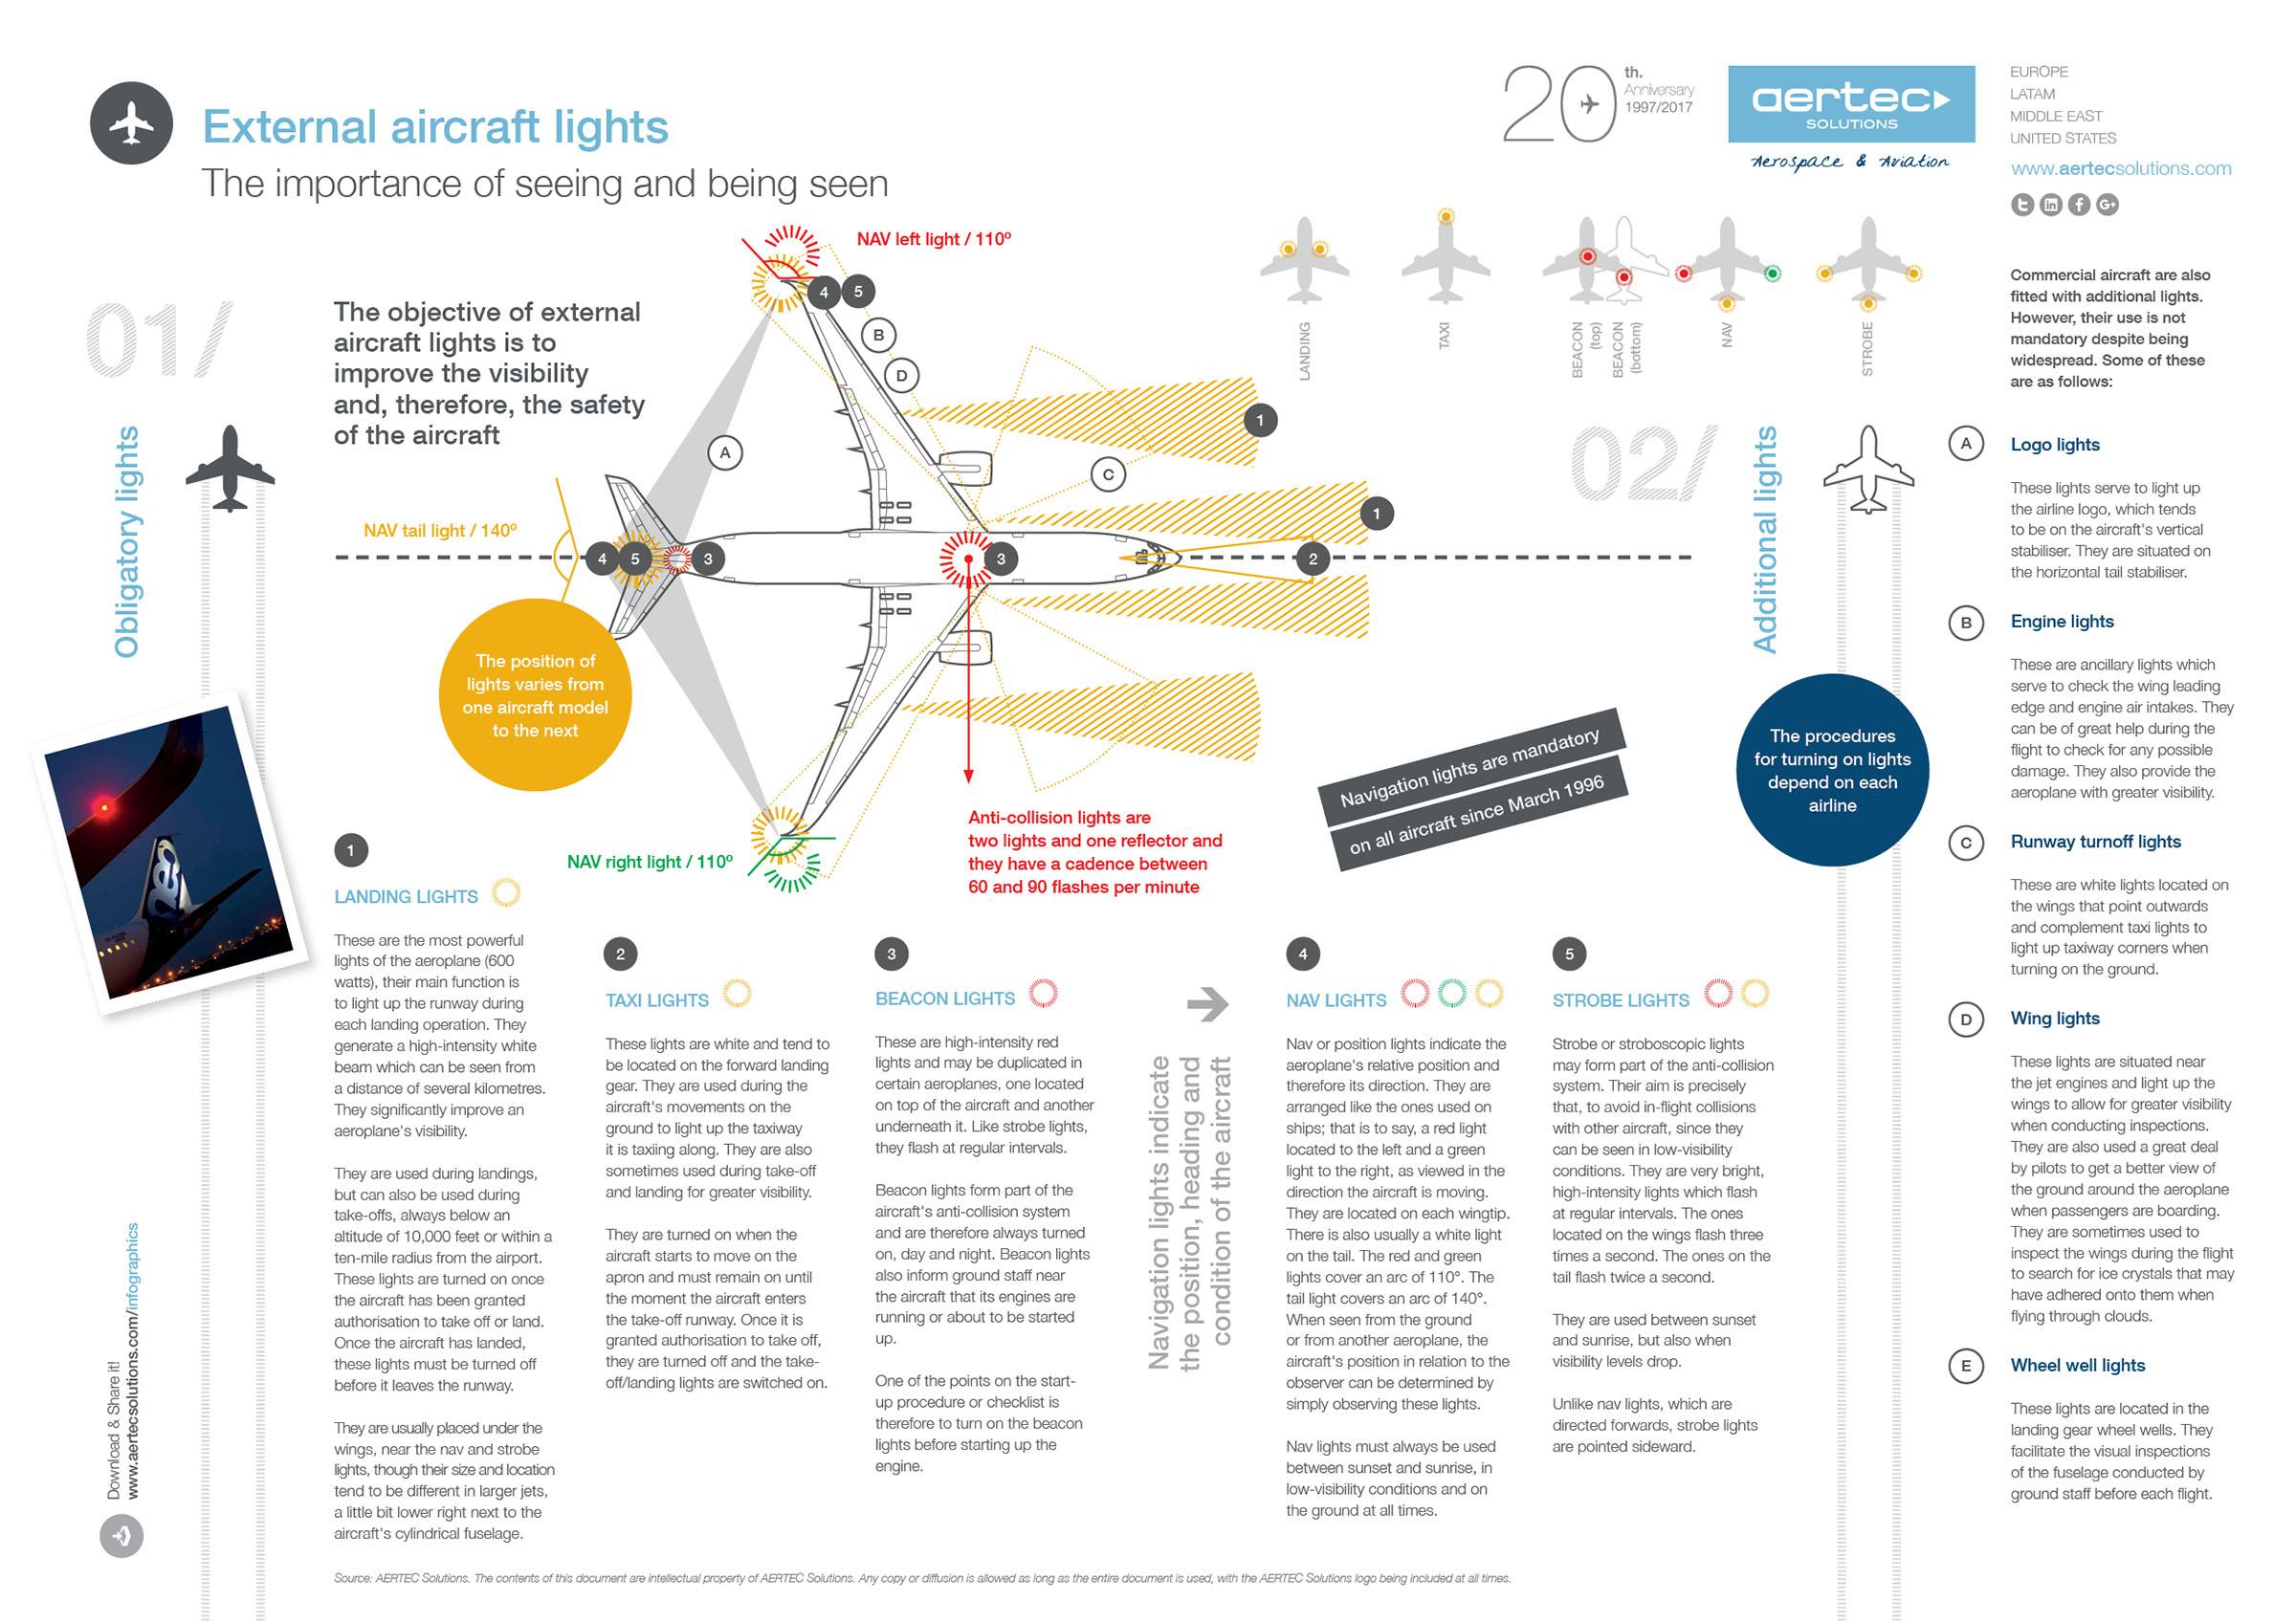 External aircraft lights